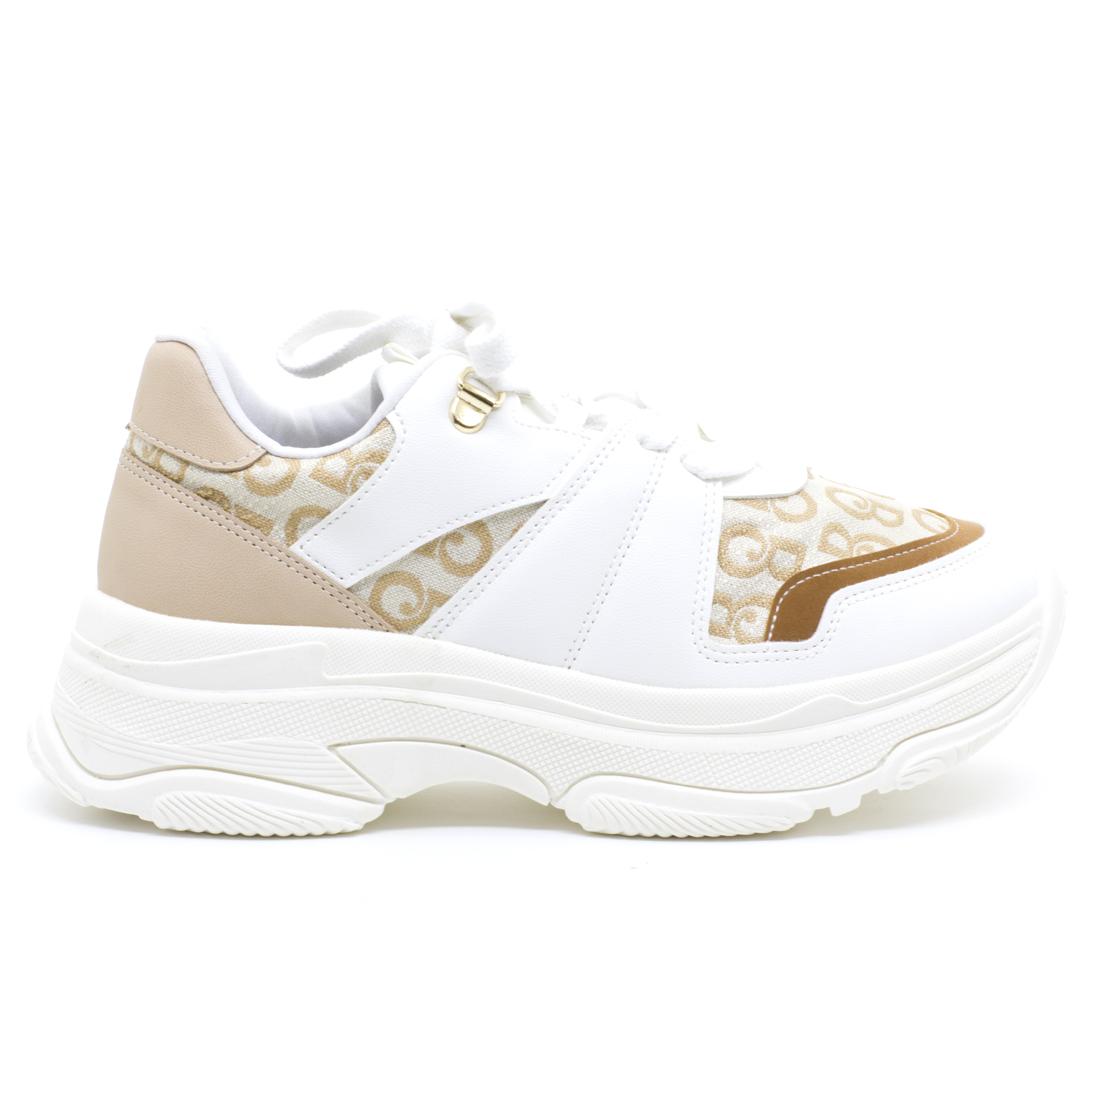 Oxford Feminino - Compre Sapato Oxford Feminino | Dafiti